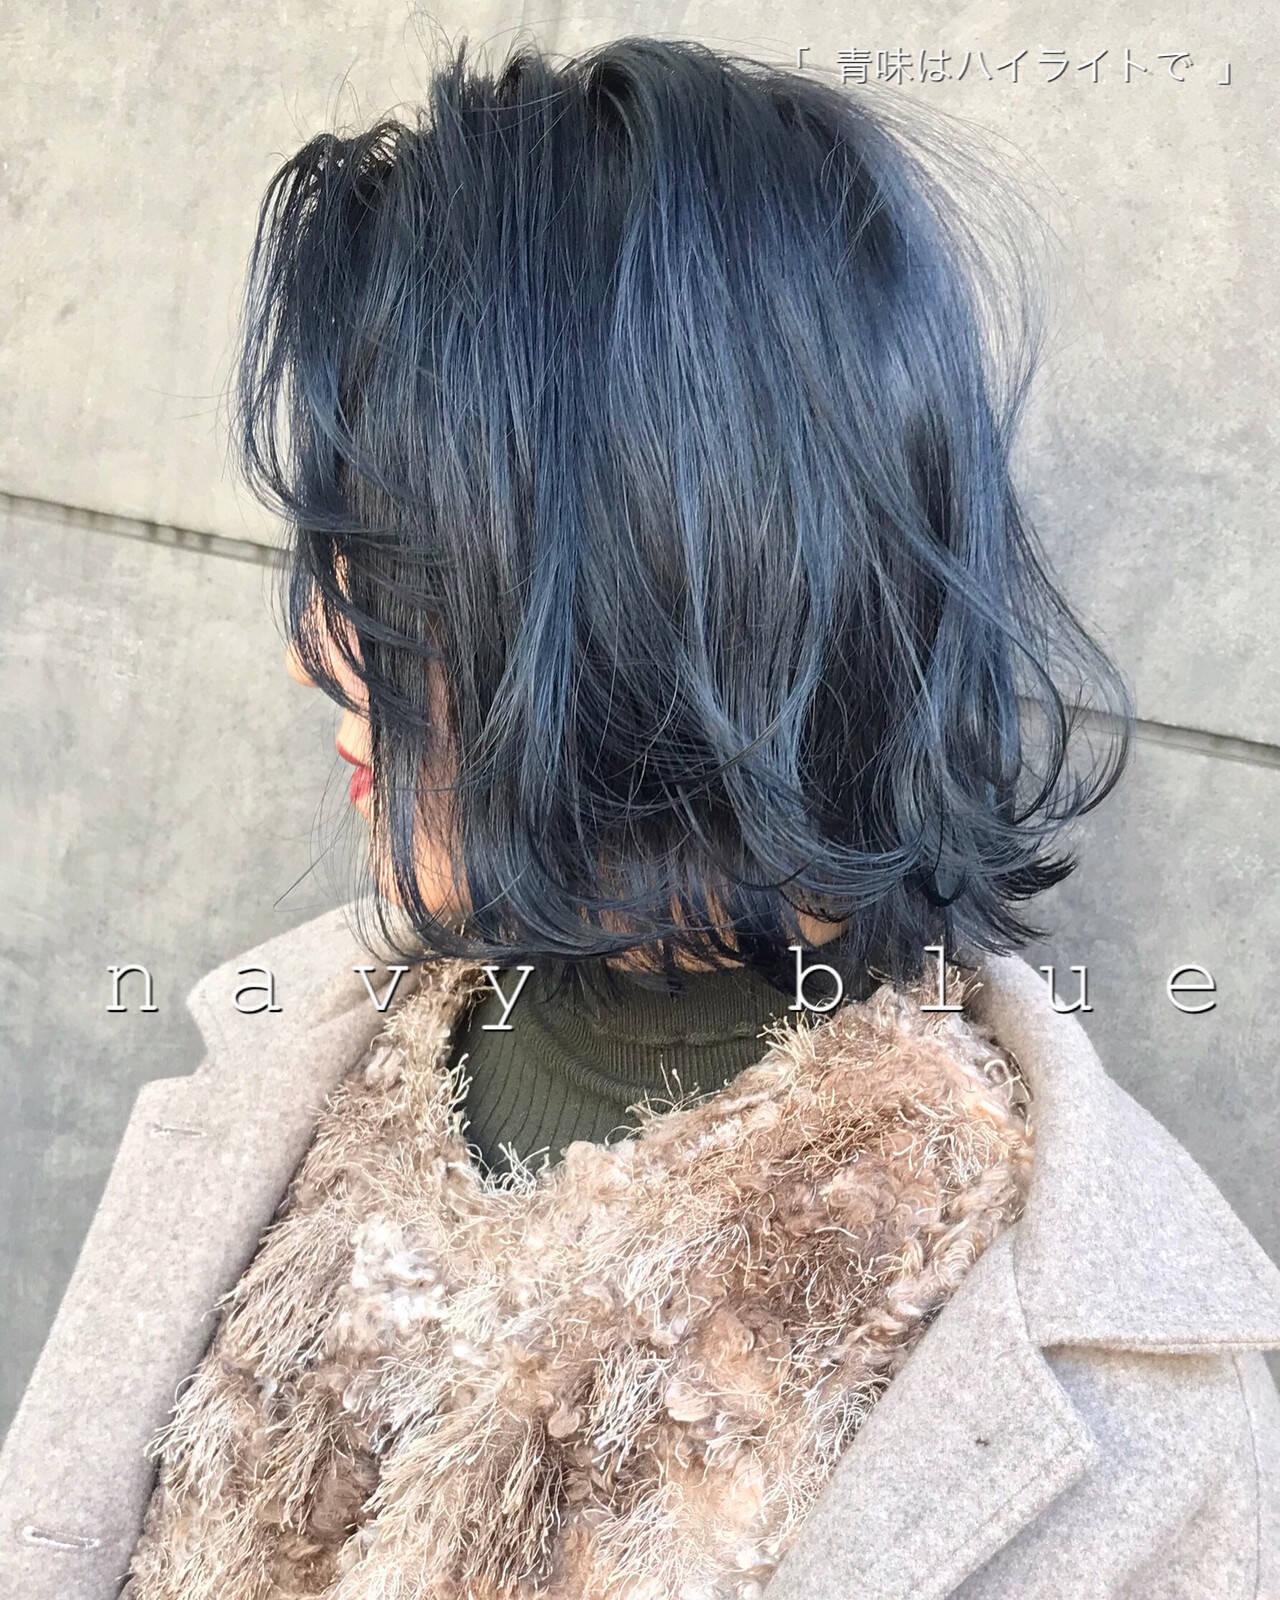 ブルーブラック 切りっぱなしボブ ストリート ミニボブヘアスタイルや髪型の写真・画像